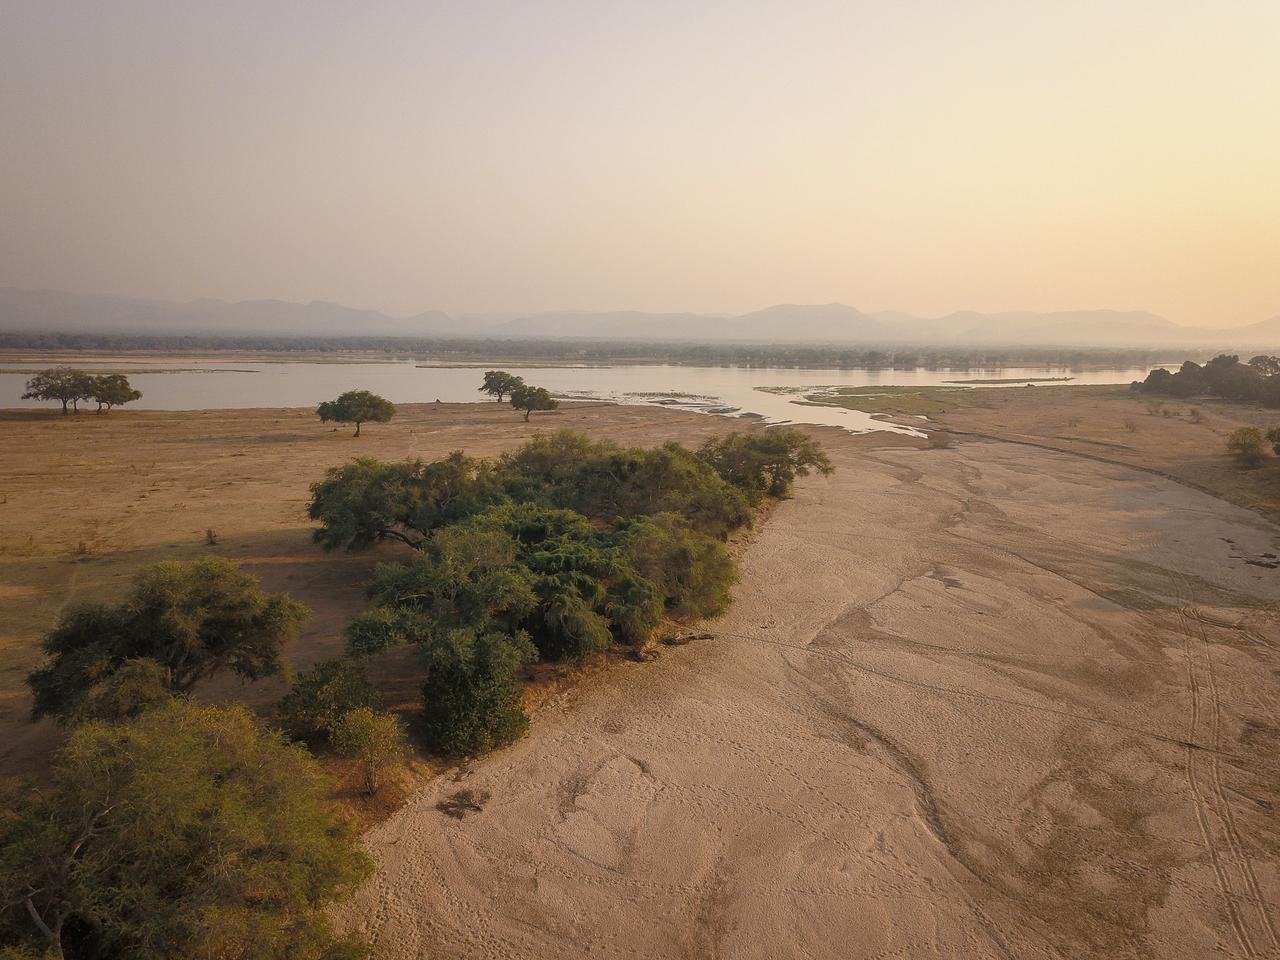 Sapi_River_and_Zambezi_View1-Chikwenya-CC-2018-8.jpg